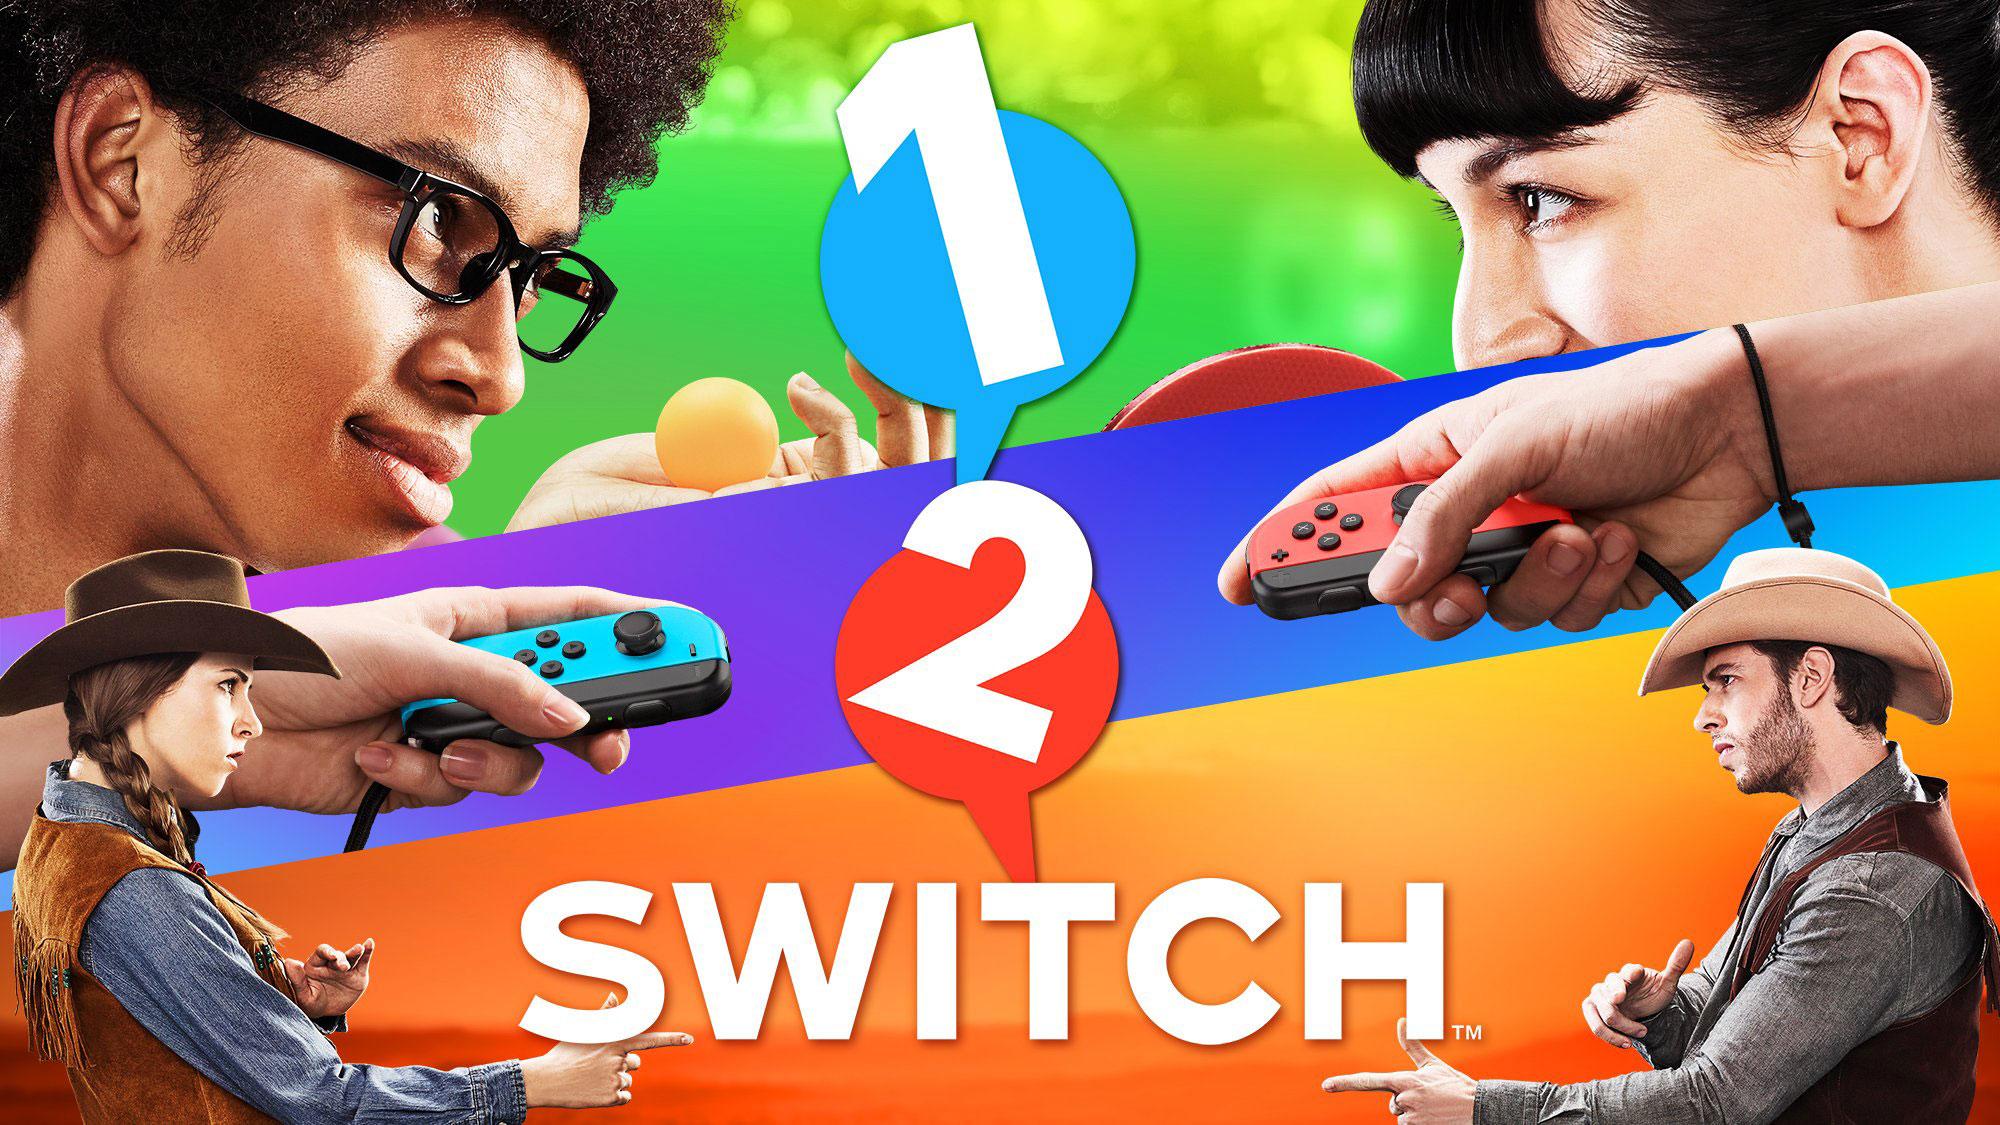 1-2-Switch ist ein Partyspiel für Nintendo Switch